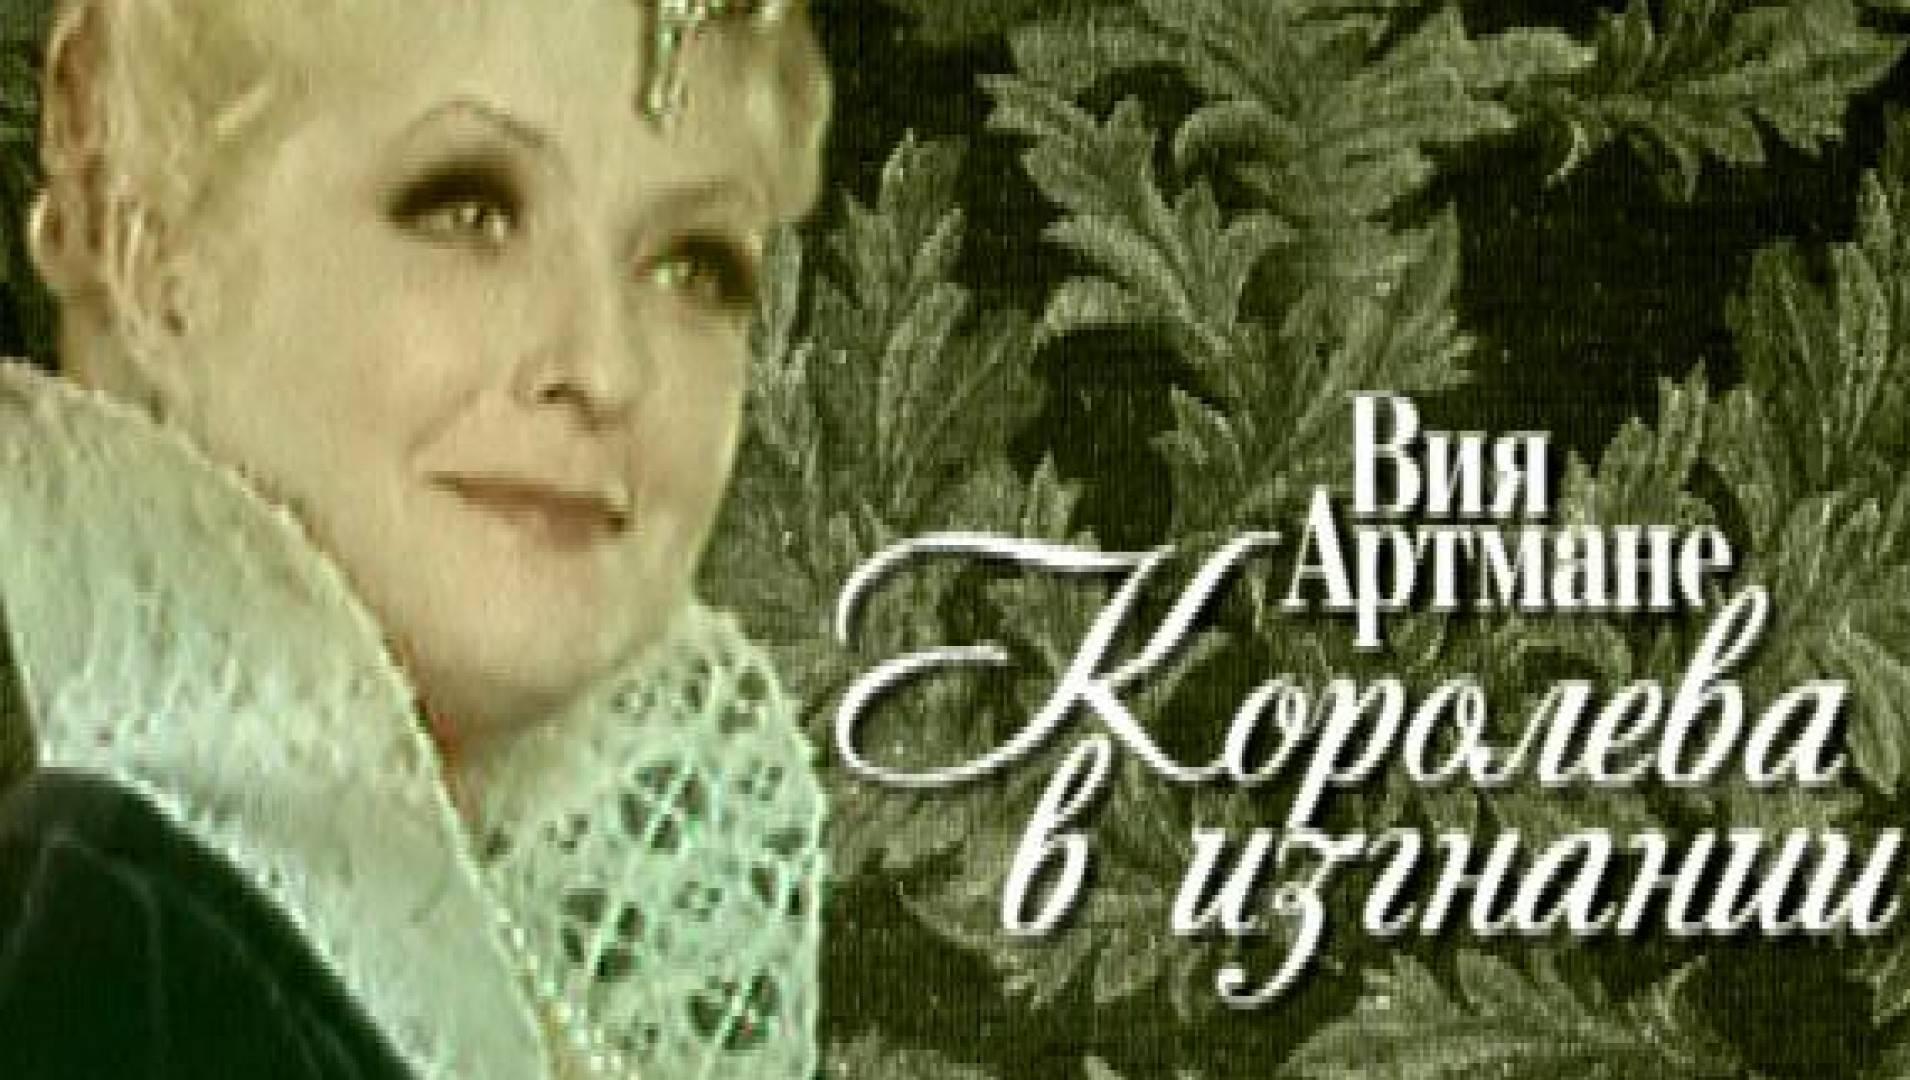 Вия Артмане. Королева визгнании - Документальный фильм